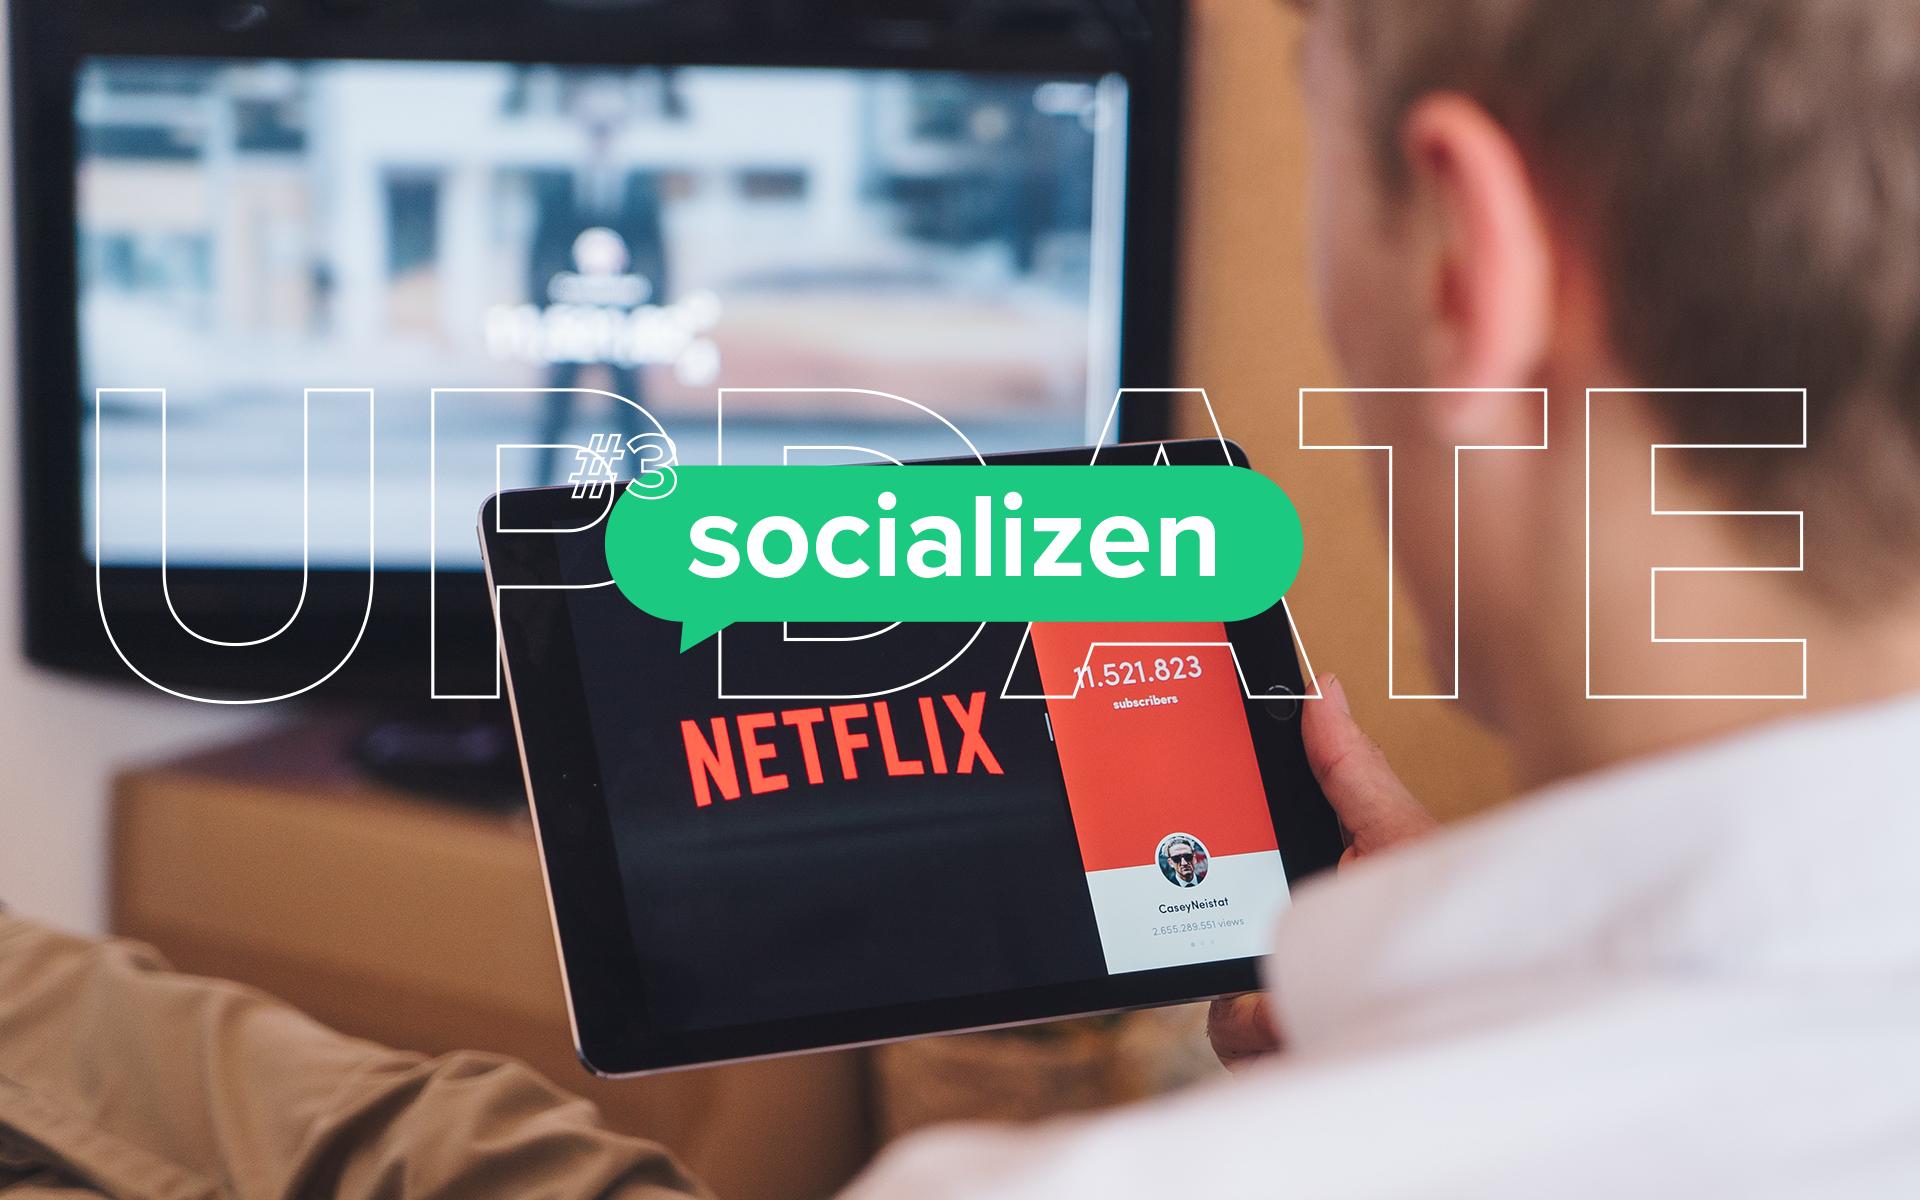 Facebook lanceert nieuwe tool en Netflix delen verleden tijd